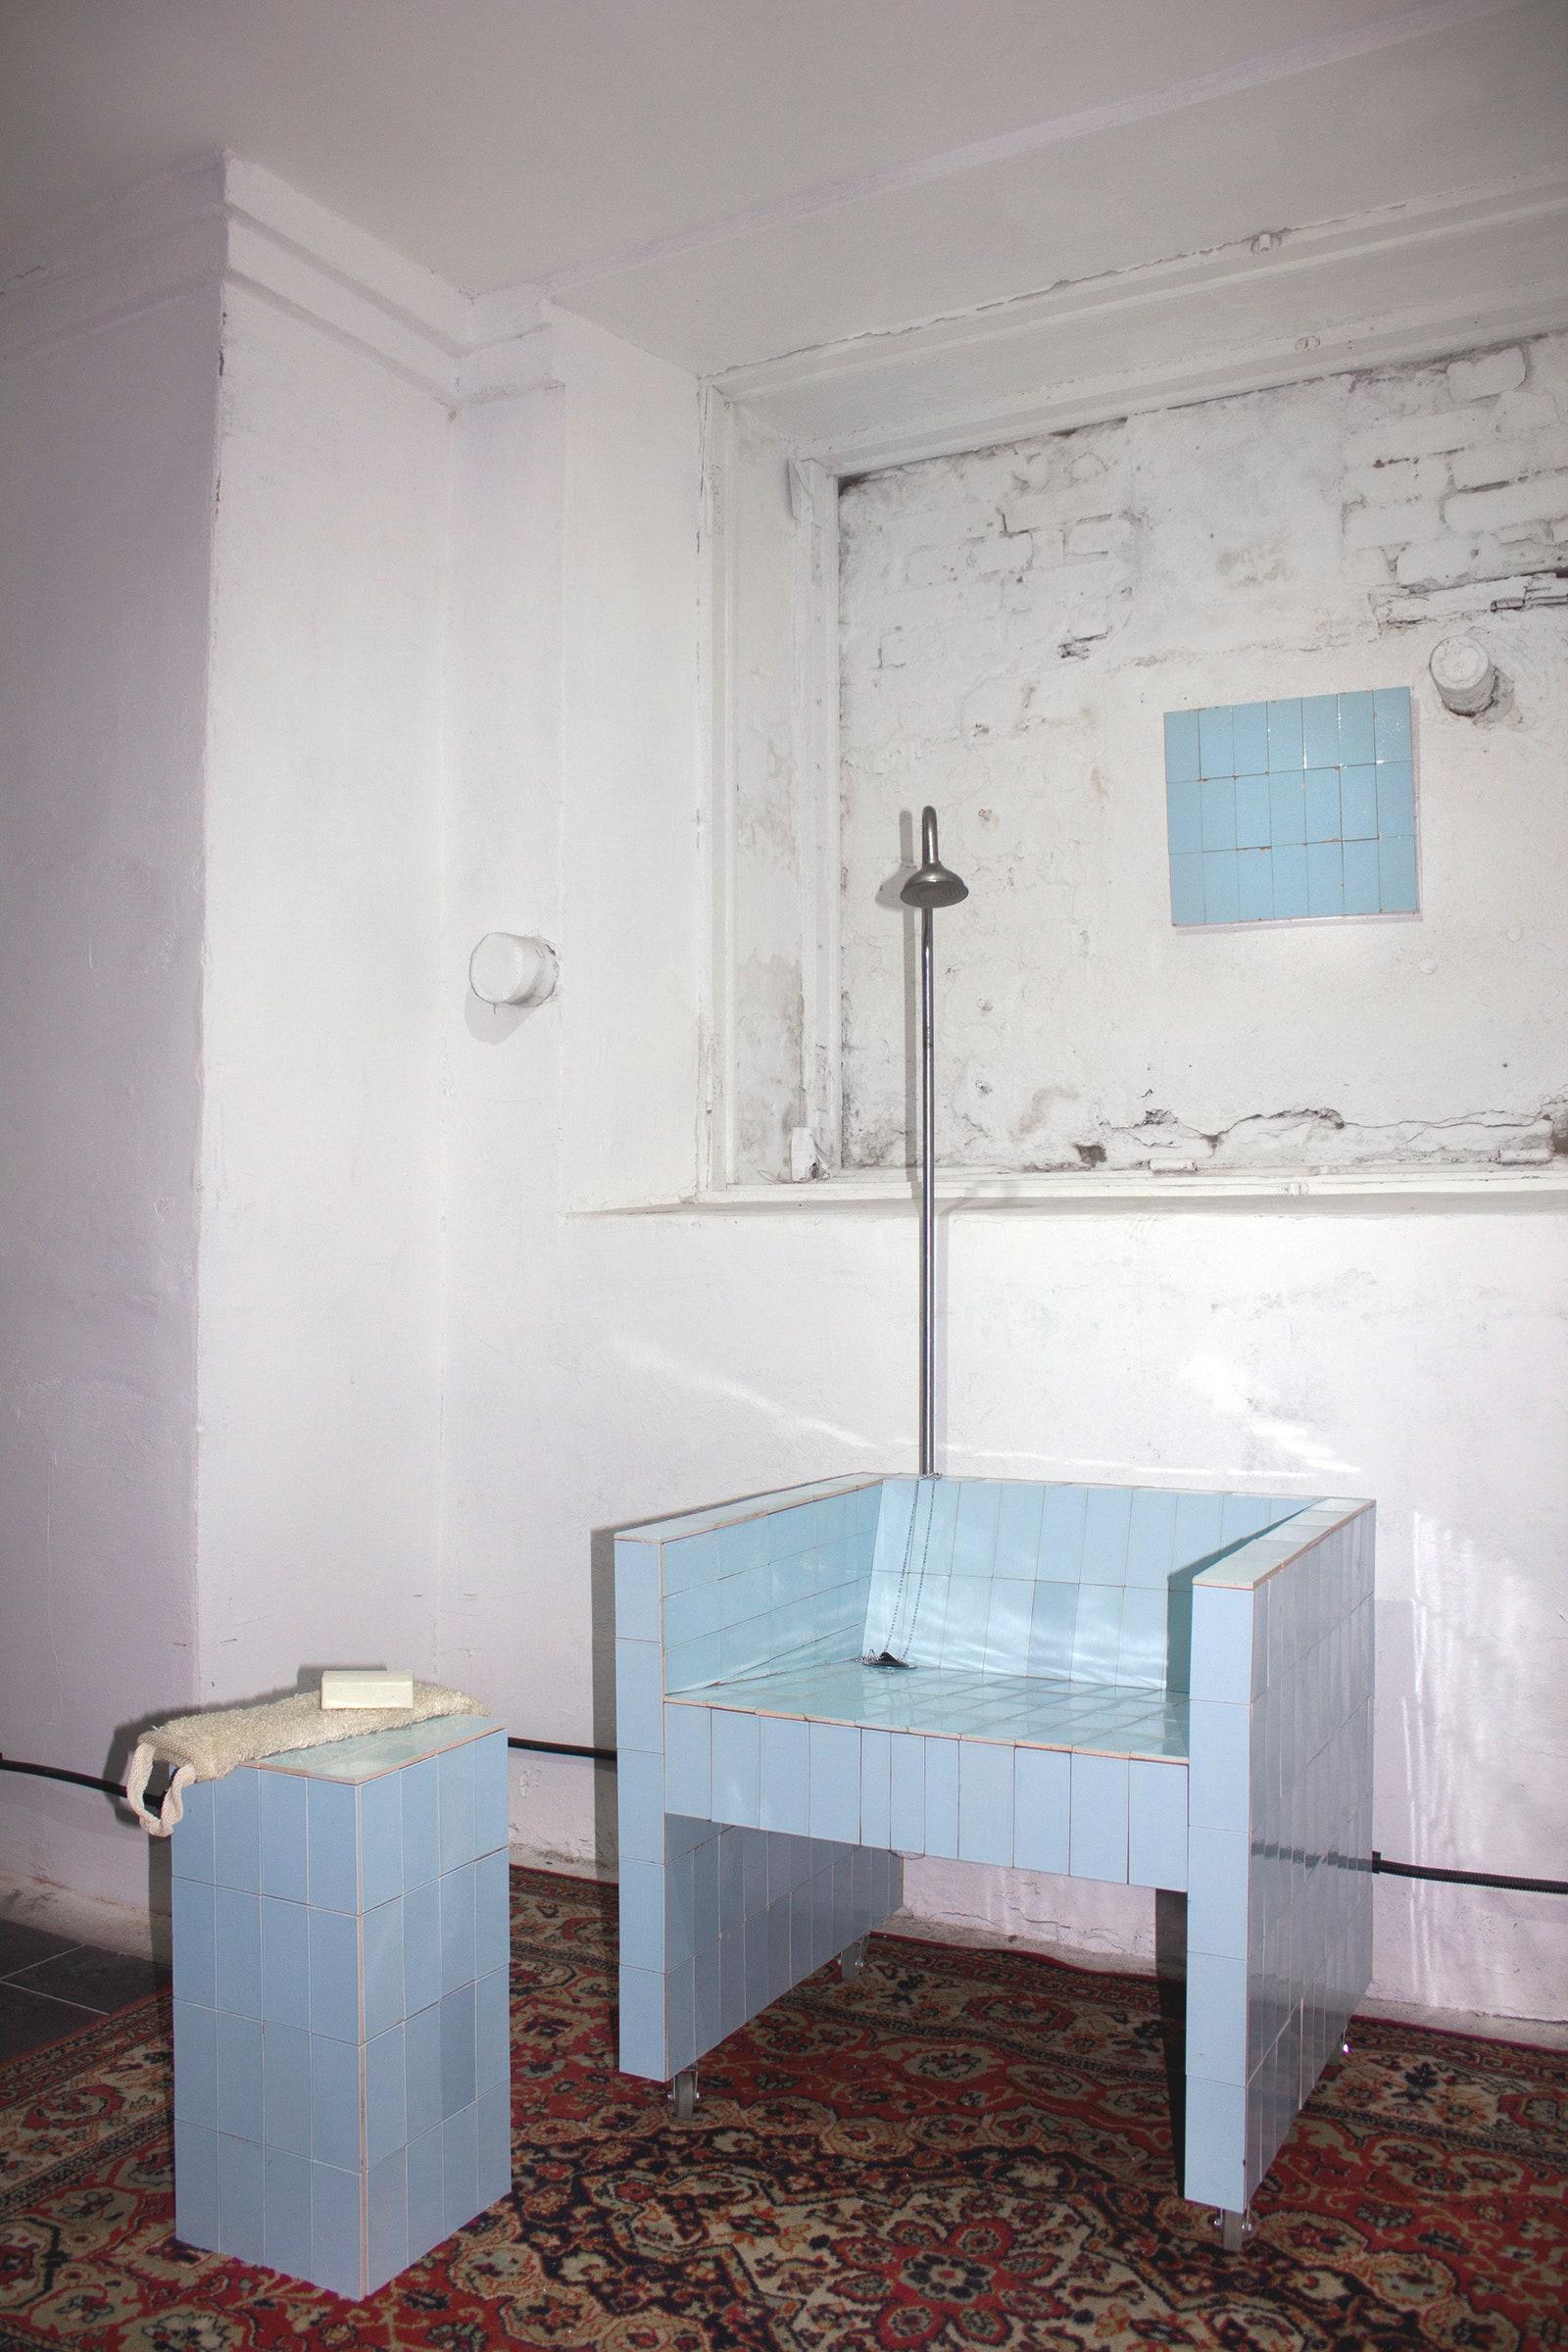 Shower Mode 2020.  . 77  66  150 . Courtesy fbula gallery and Petr Kroshchinskiy.